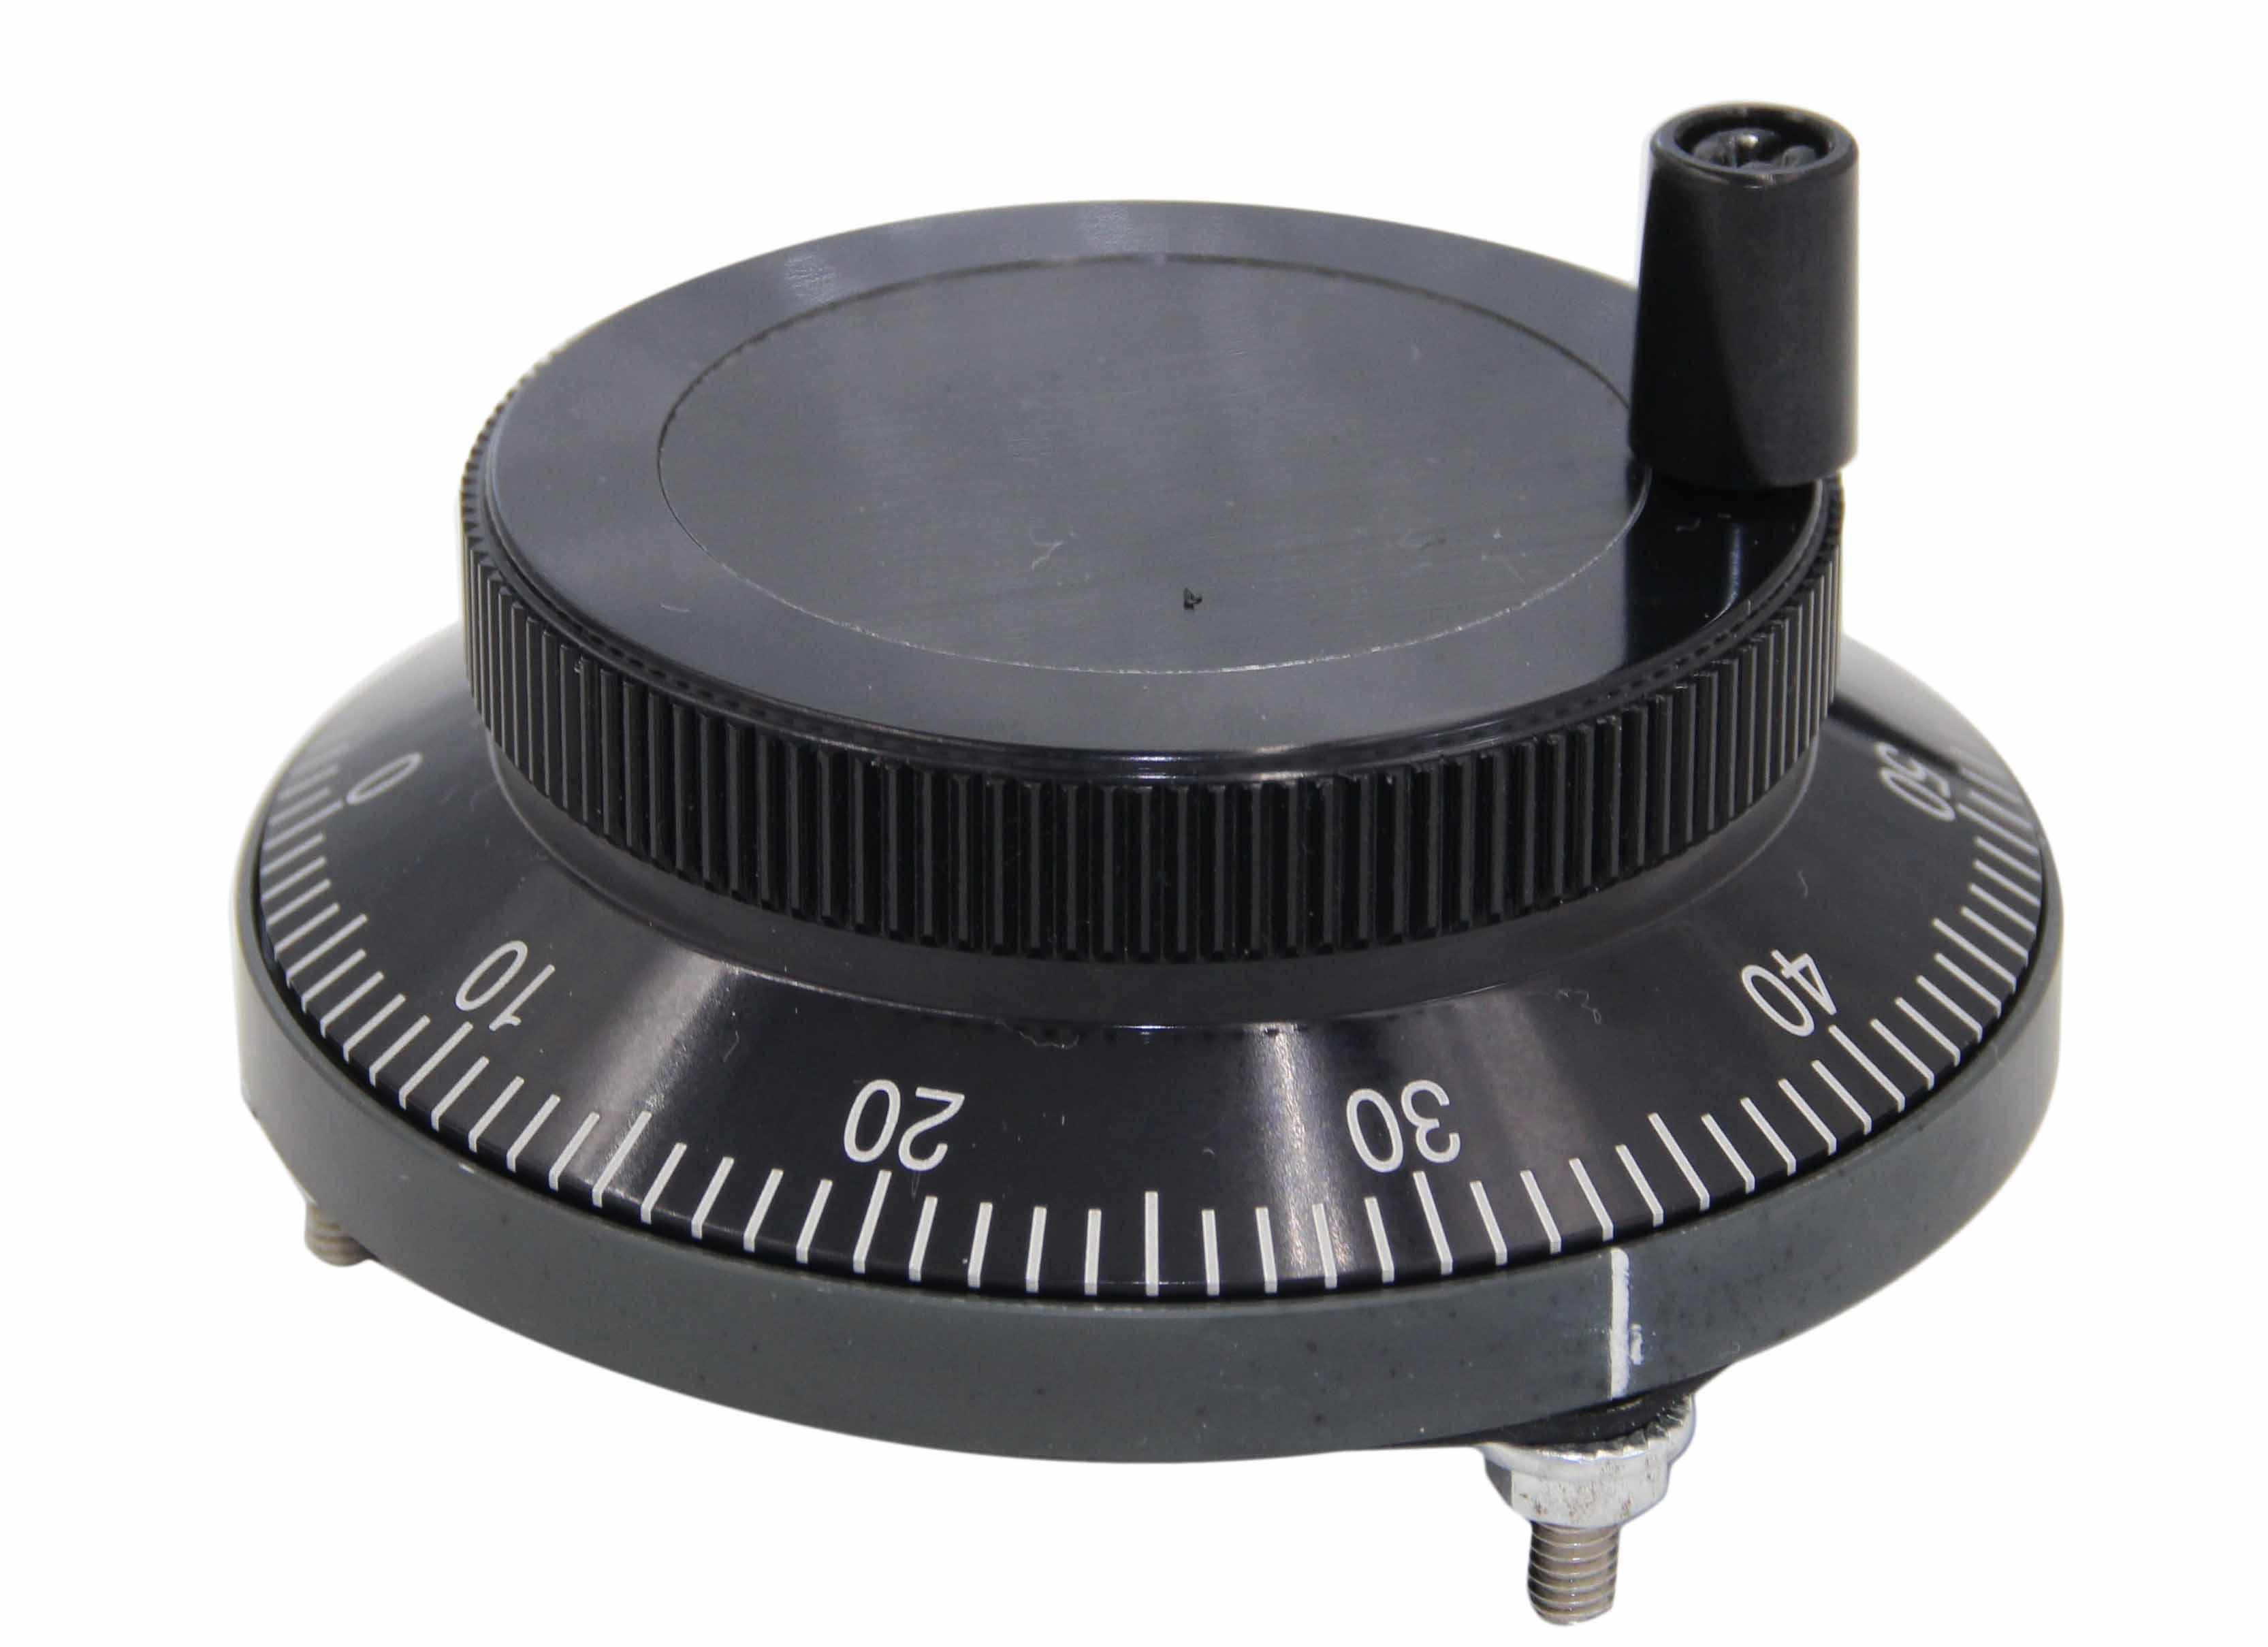 手轮 手轮是一种光电旋转编码器,用于数控机床、印刷机械等的零位补正和信号分割。当手轮旋转时,编码器产生与手轮运动相对应的信号。通过数控系统选定座标并对座标进行定位。